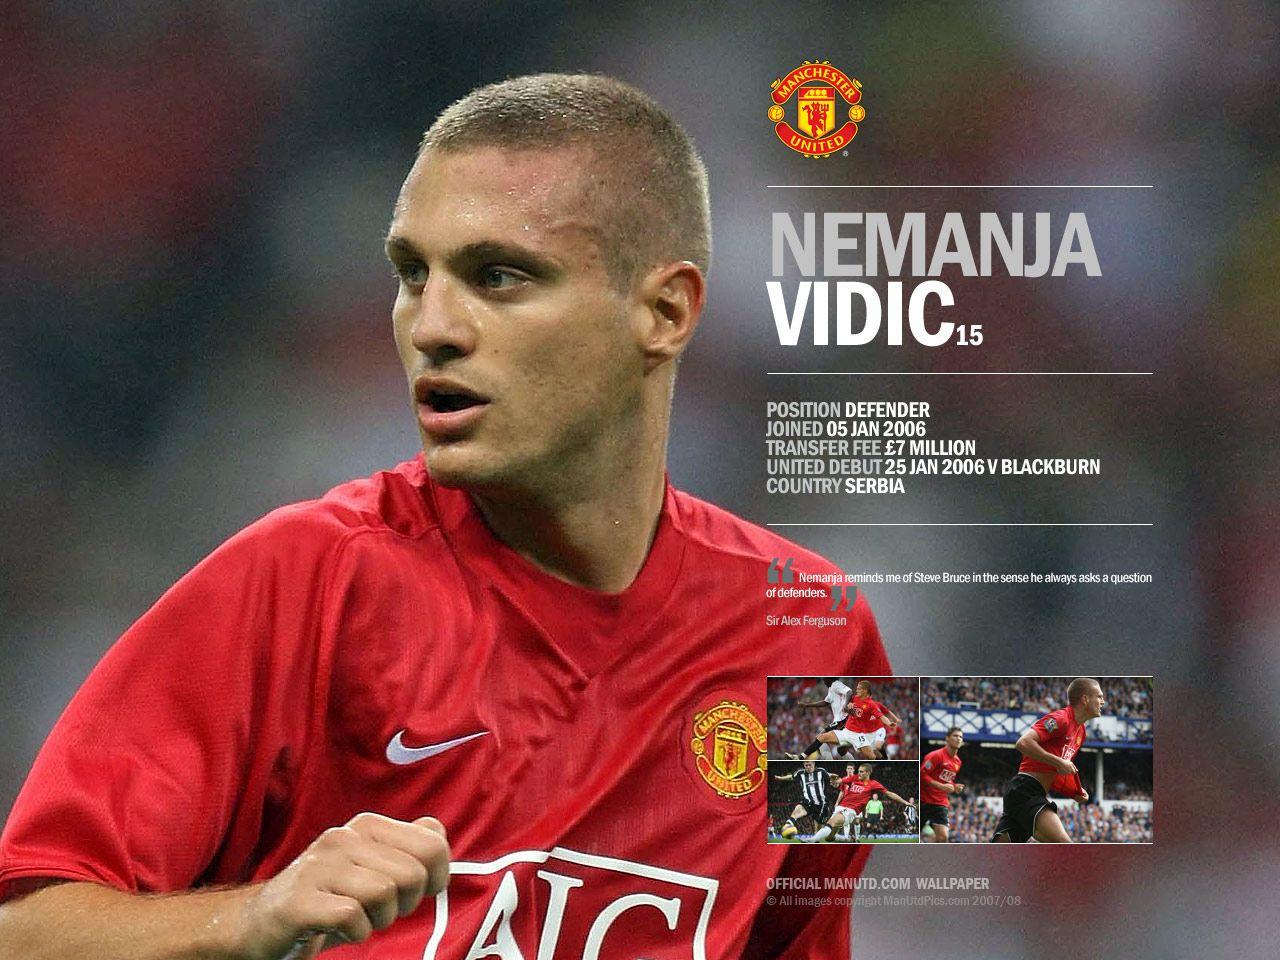 Nemanja Vidic Wallpaper Best